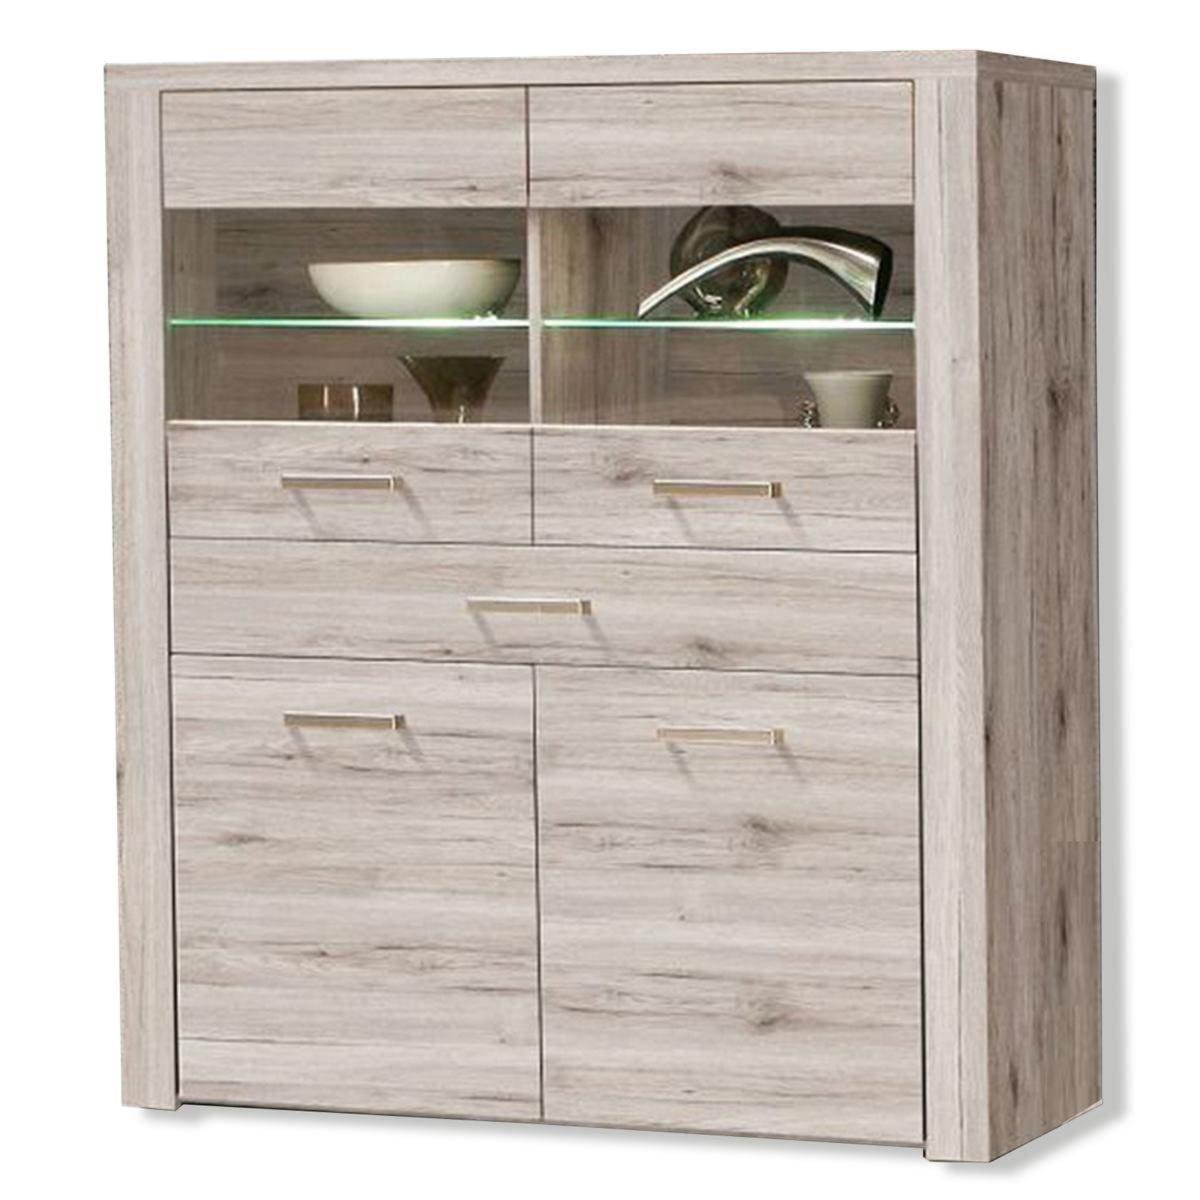 highboard portland vitrine sandeiche beleuchtung 130 cm kommoden sideboards m bel. Black Bedroom Furniture Sets. Home Design Ideas